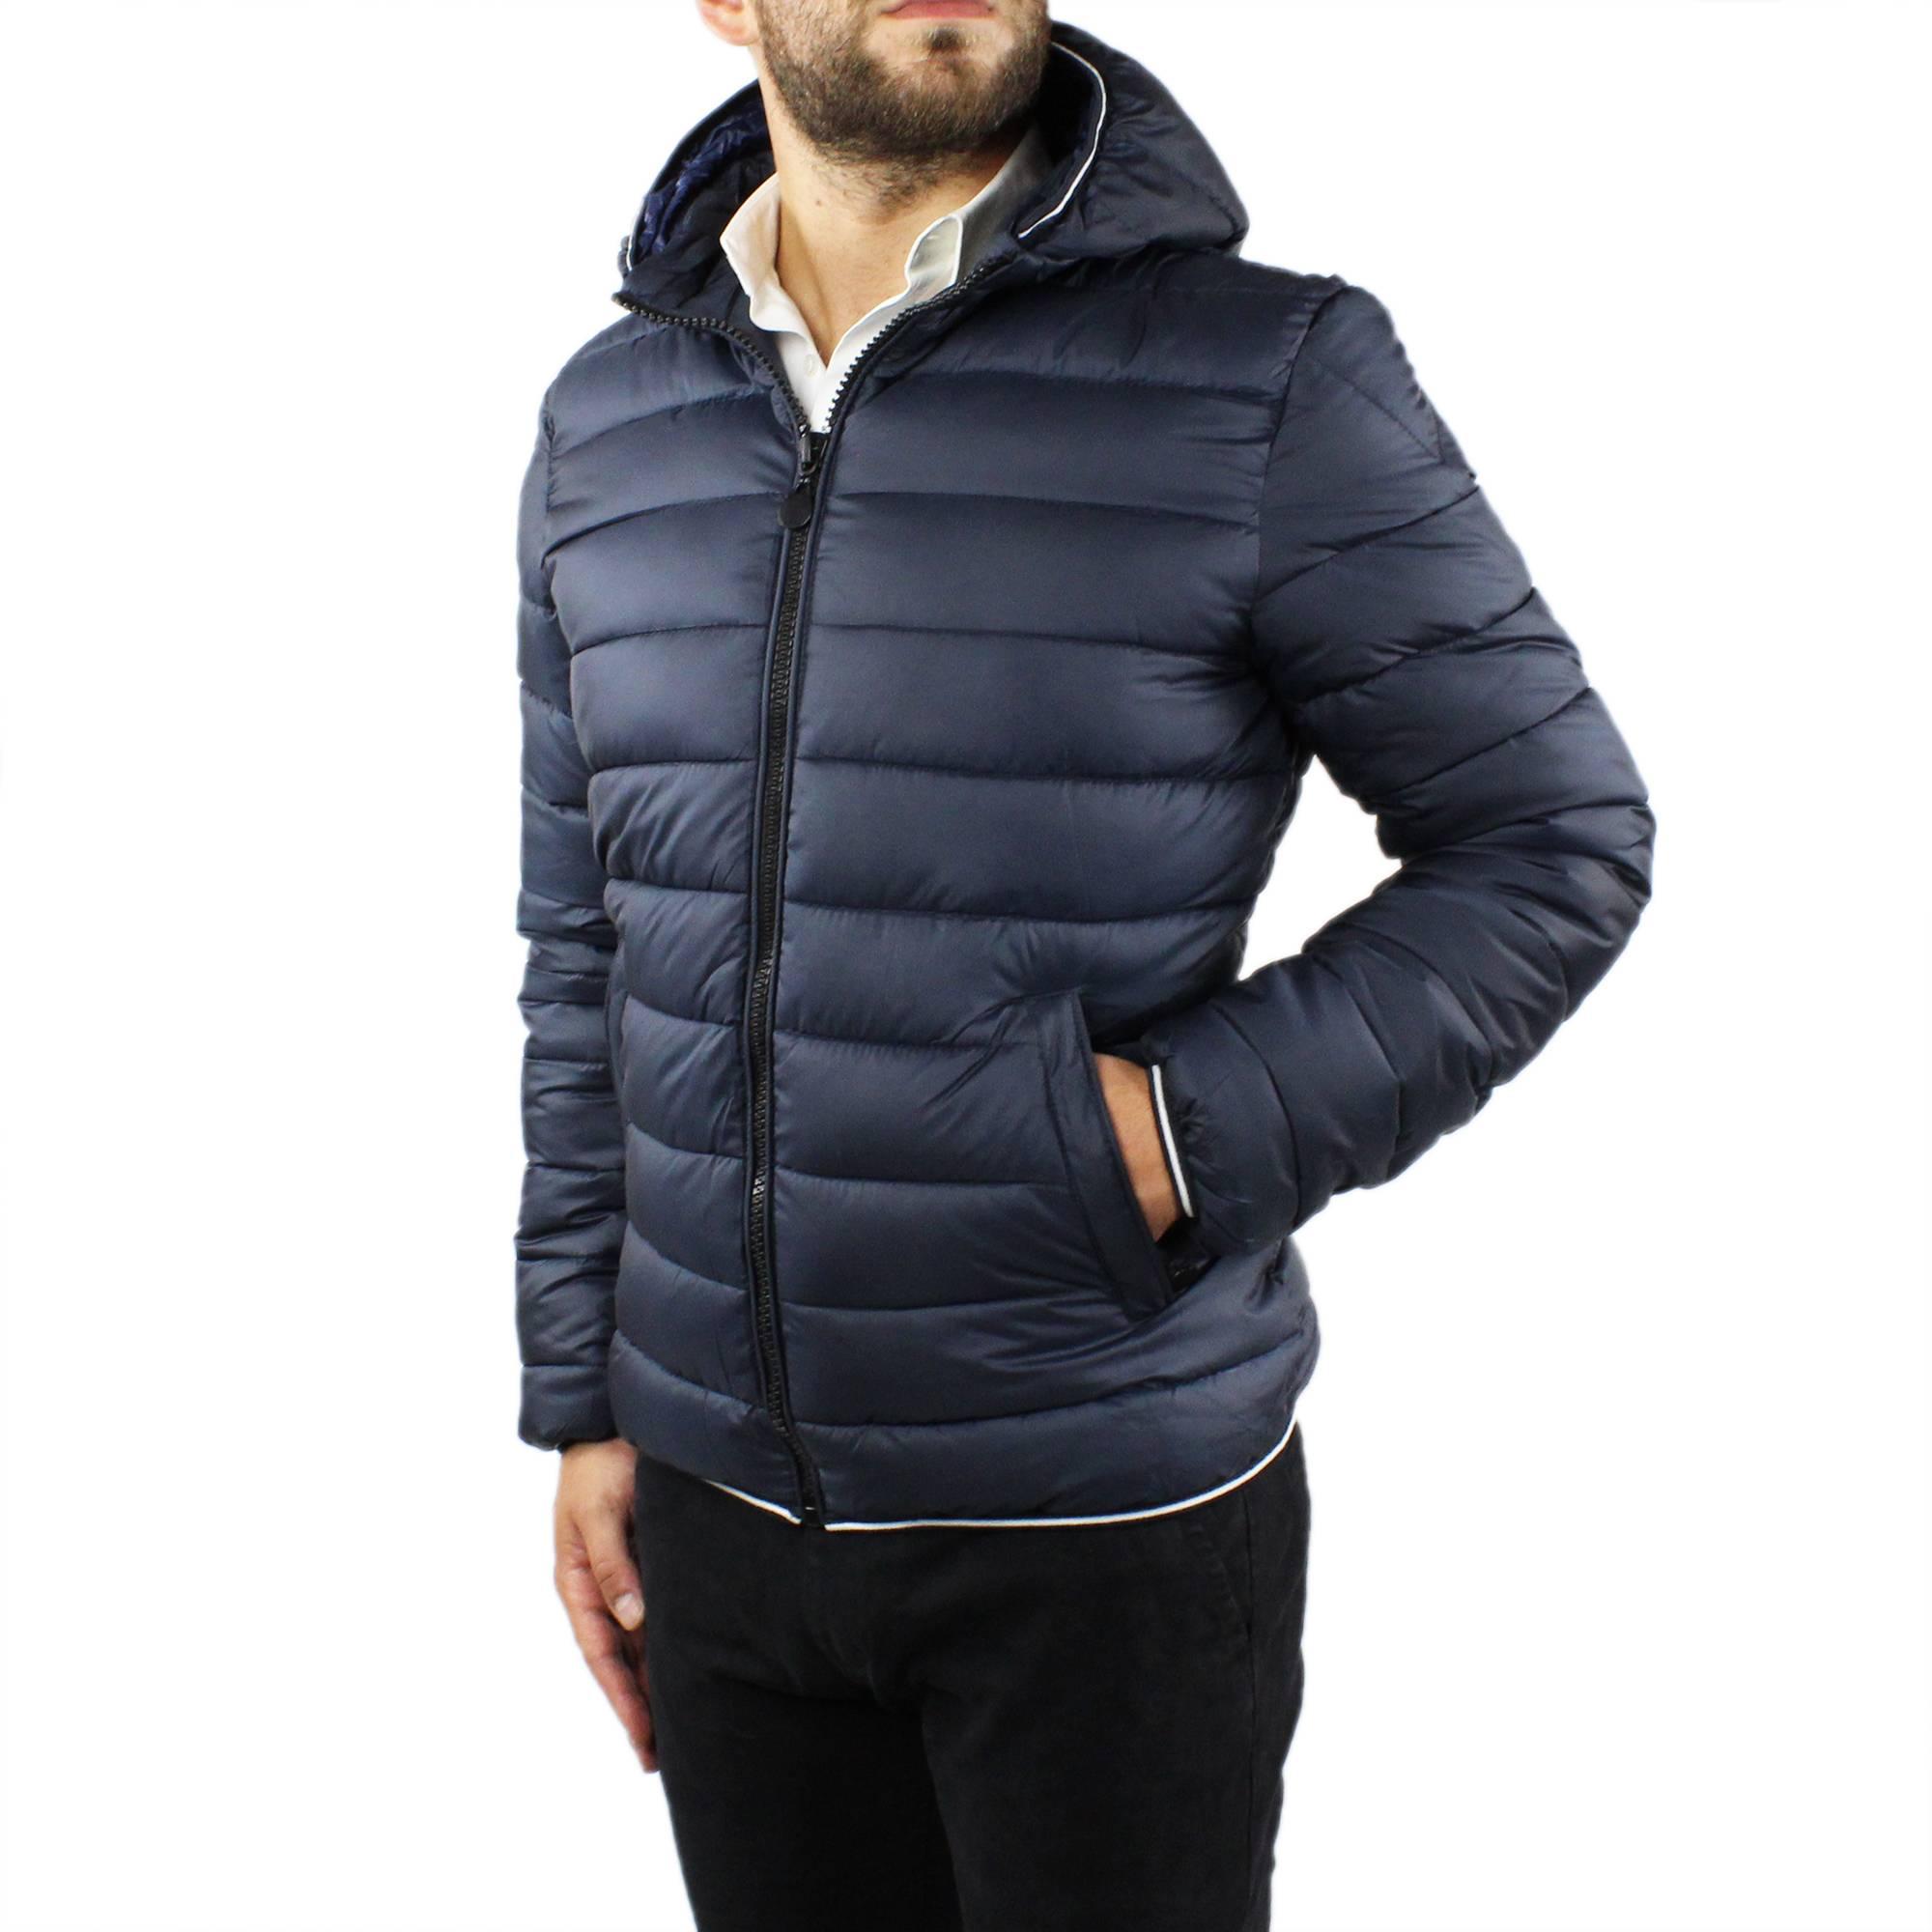 Giubbotto-Uomo-Invernale-Slim-Fit-Giubbino-Piumino-Con-Cappuccio-Blu-Nero-Casual miniatura 4